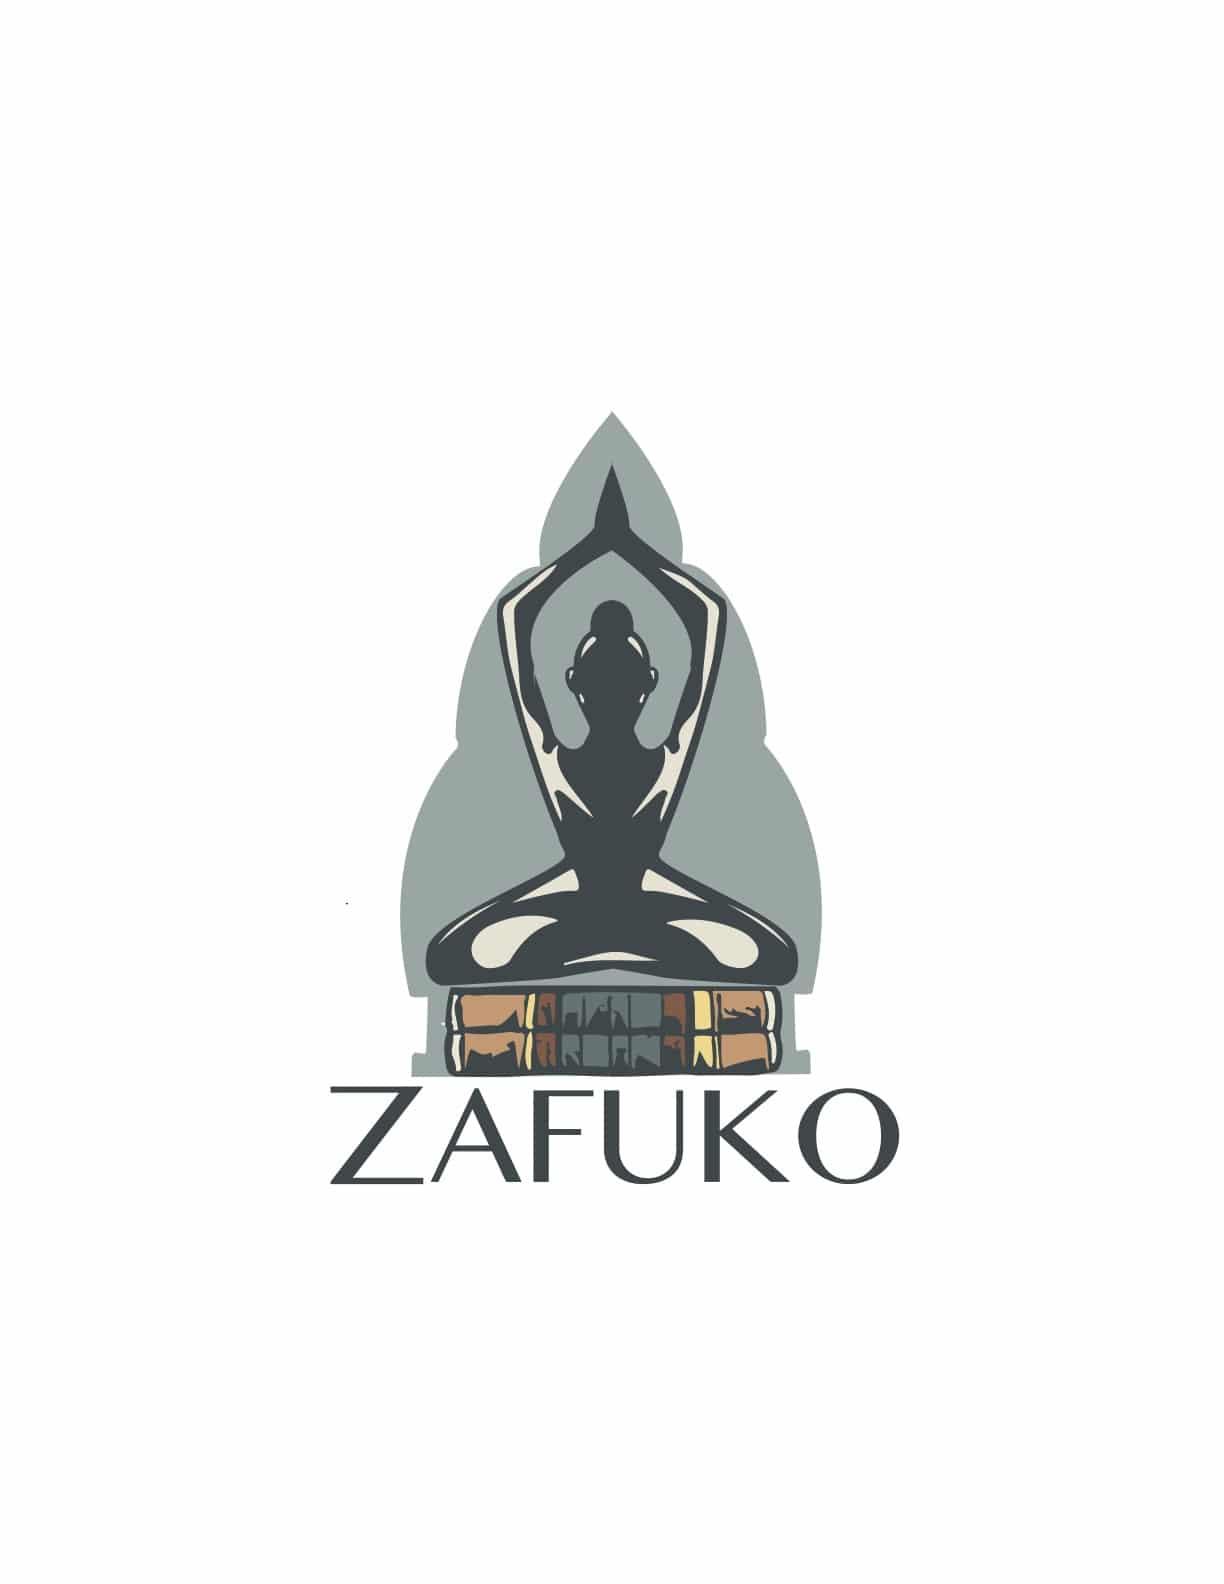 Zafuko